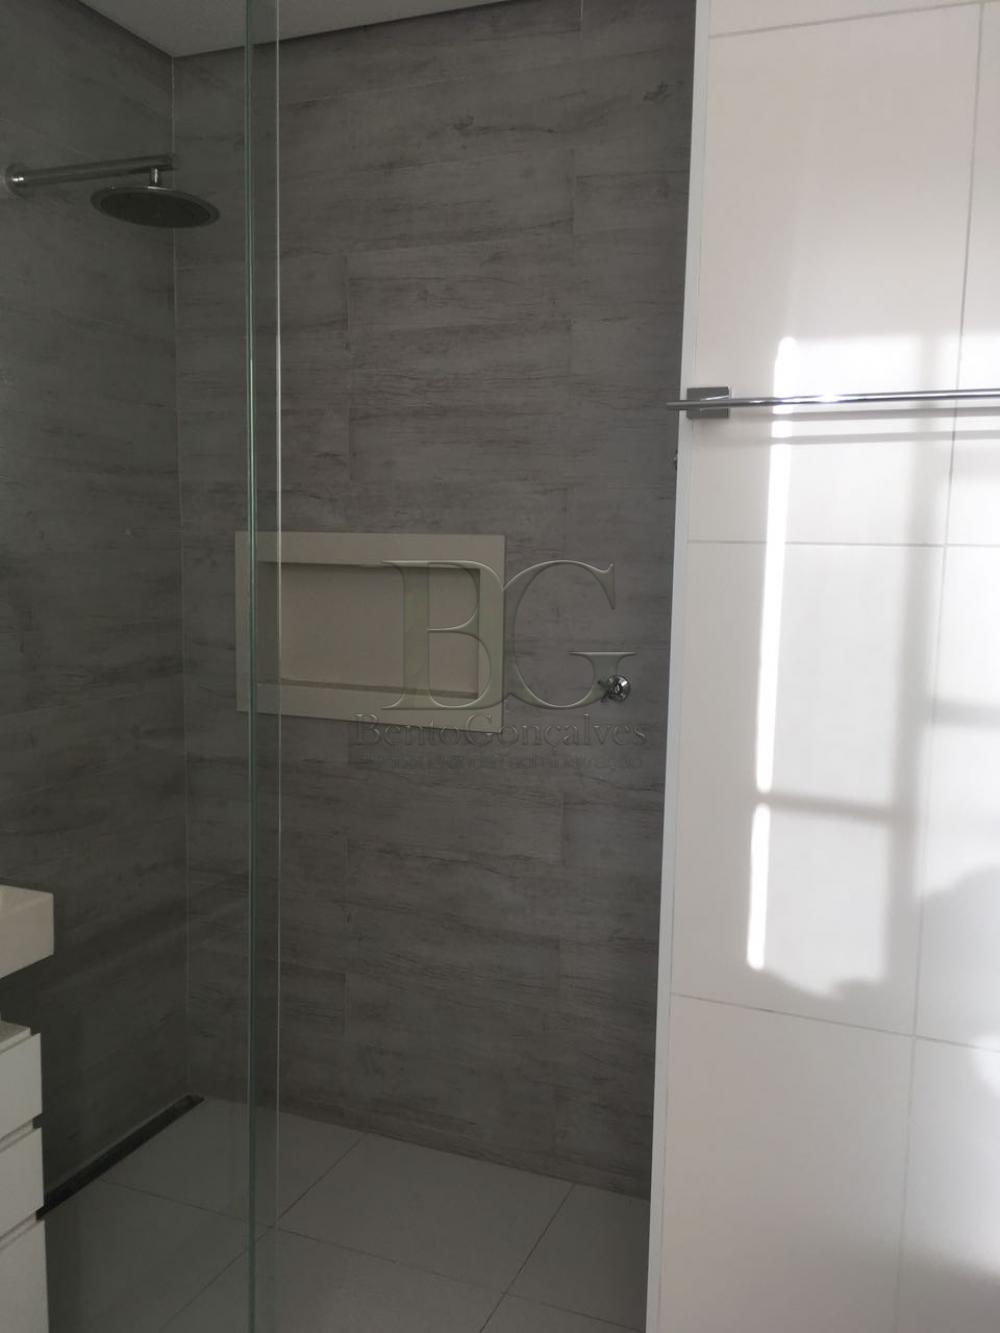 Alugar Apartamentos / Padrão em Poços de Caldas apenas R$ 2.300,00 - Foto 13